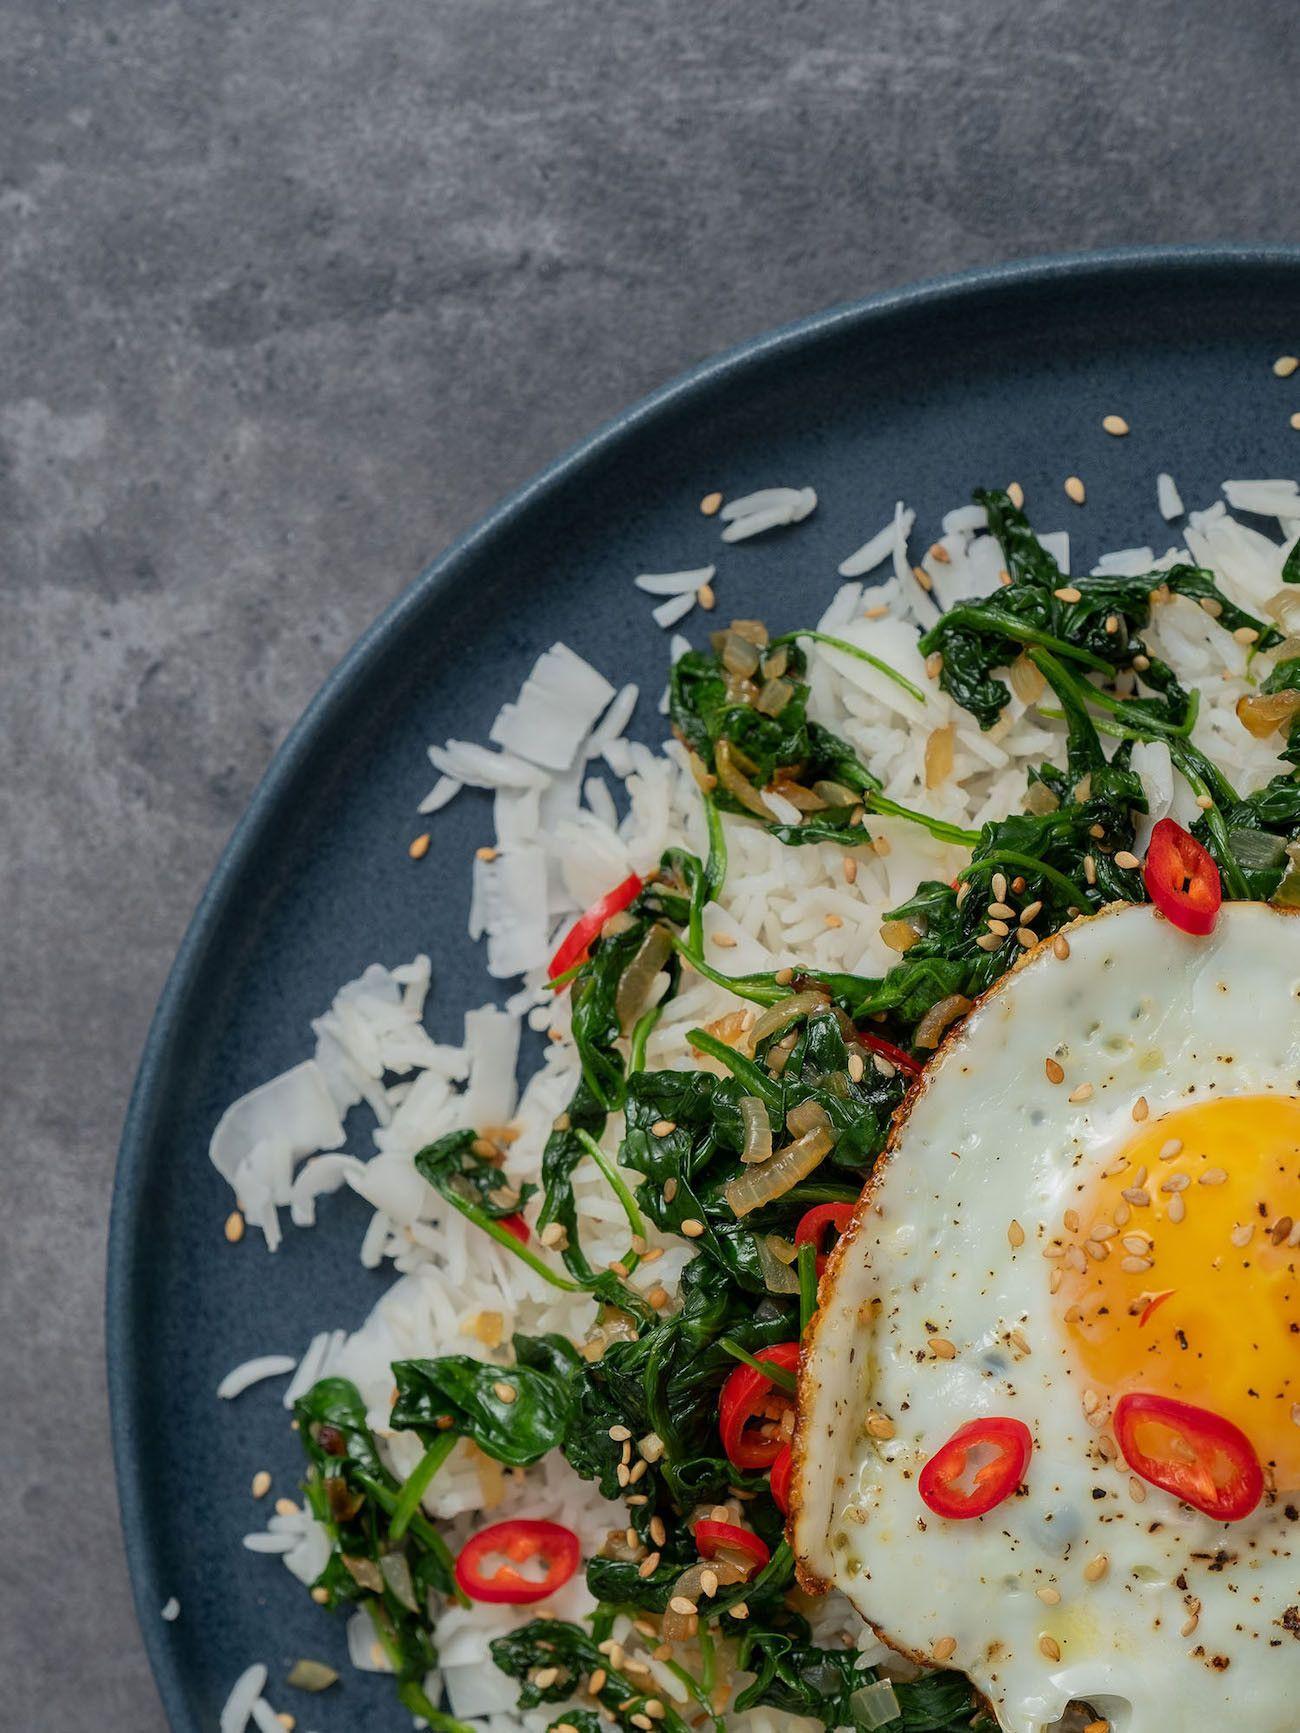 Foodblog About Fuel, Rezept Kokosreis mit Sesam-Spinat und Spigelei, Kokosflocken, Teller